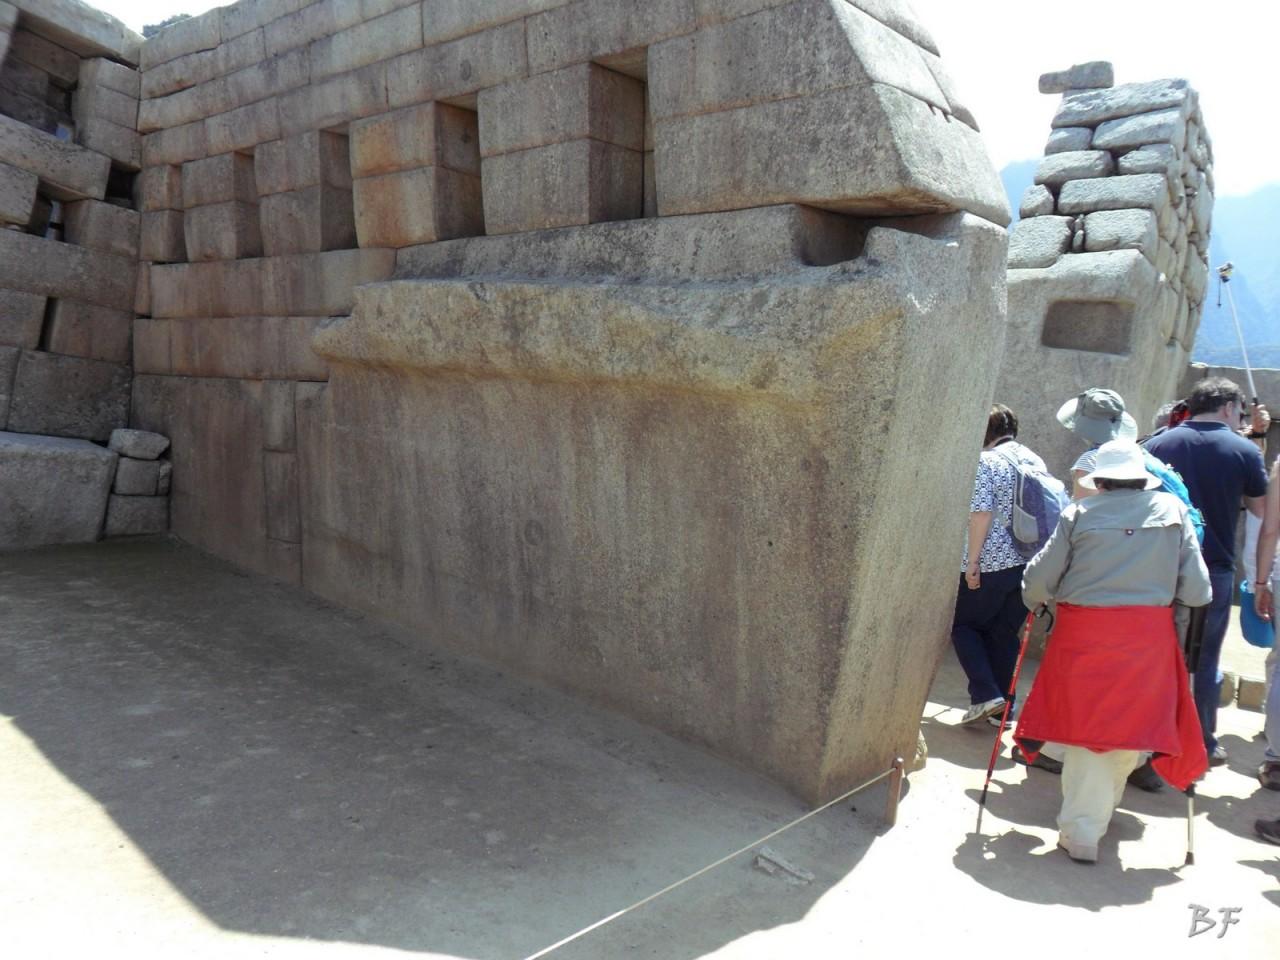 Mura-Poligonali-Incisioni-Altari-Edifici-Rupestri-Megaliti-Machu-Picchu-Aguas-Calientes-Urubamba-Cusco-Perù-54